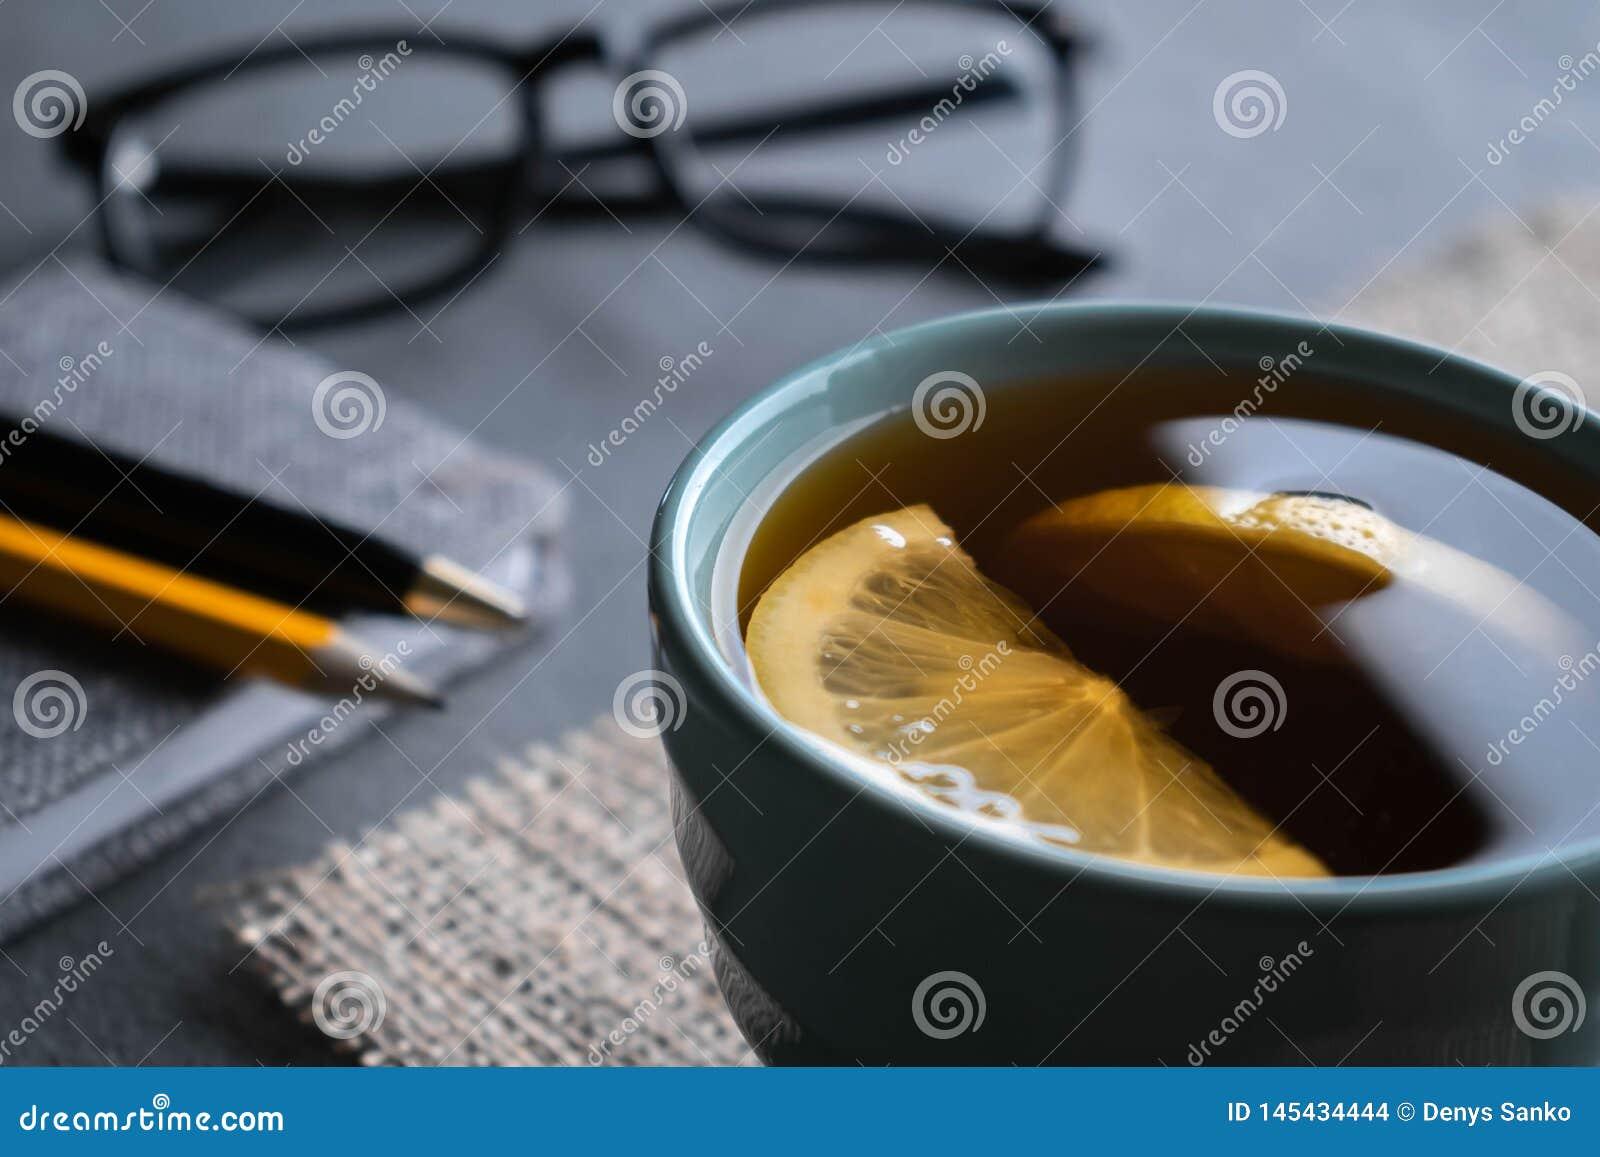 Thé noir avec des tranches de citron sur une serviette de toile de jute avec le stylo de bloc-notes, un crayon et des verres